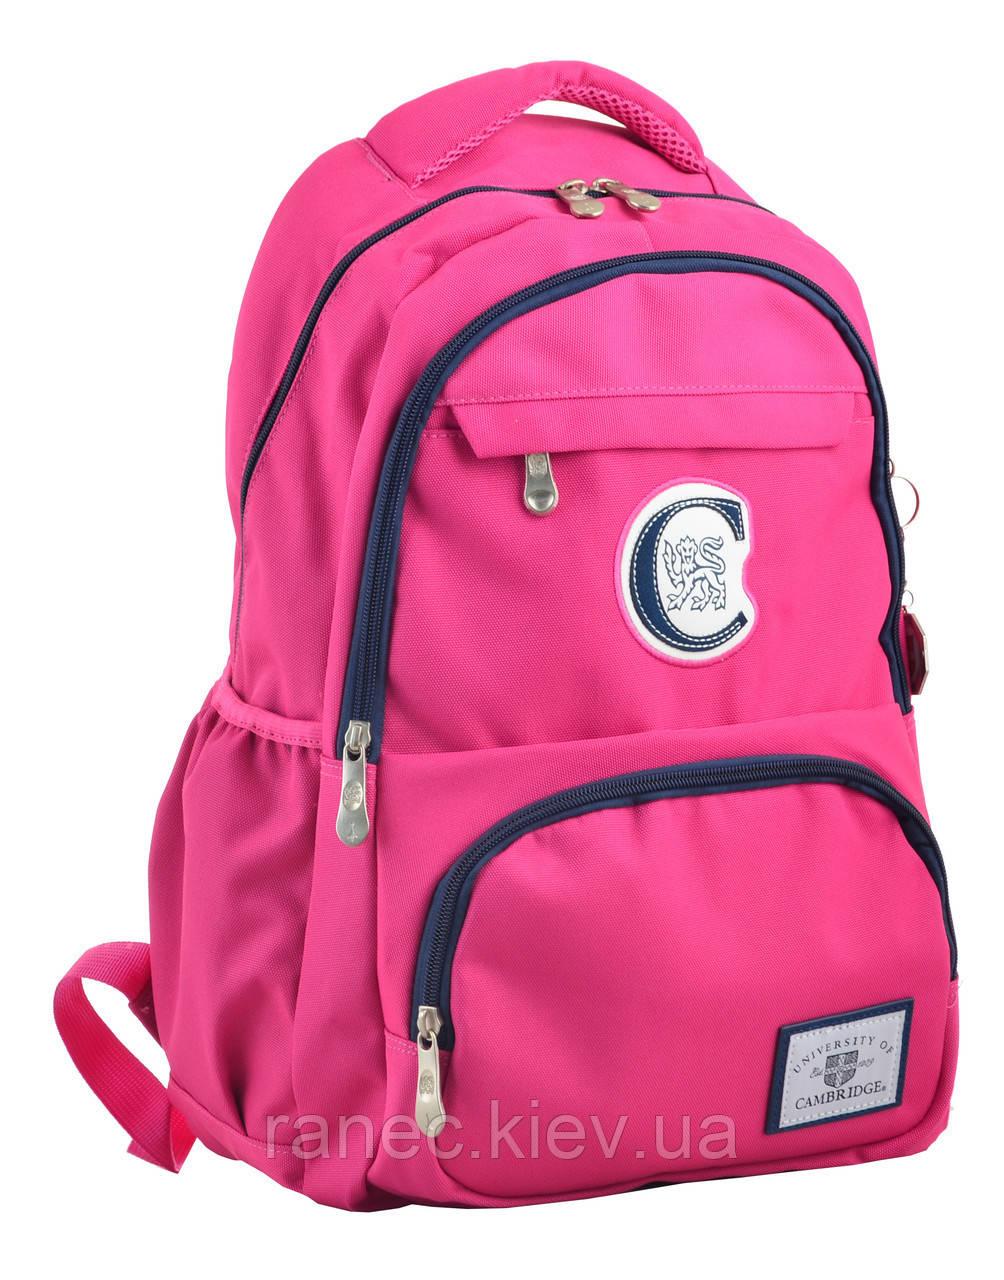 Рюкзак молодежный CA 151, 48х30х15, розовый 555752 YES